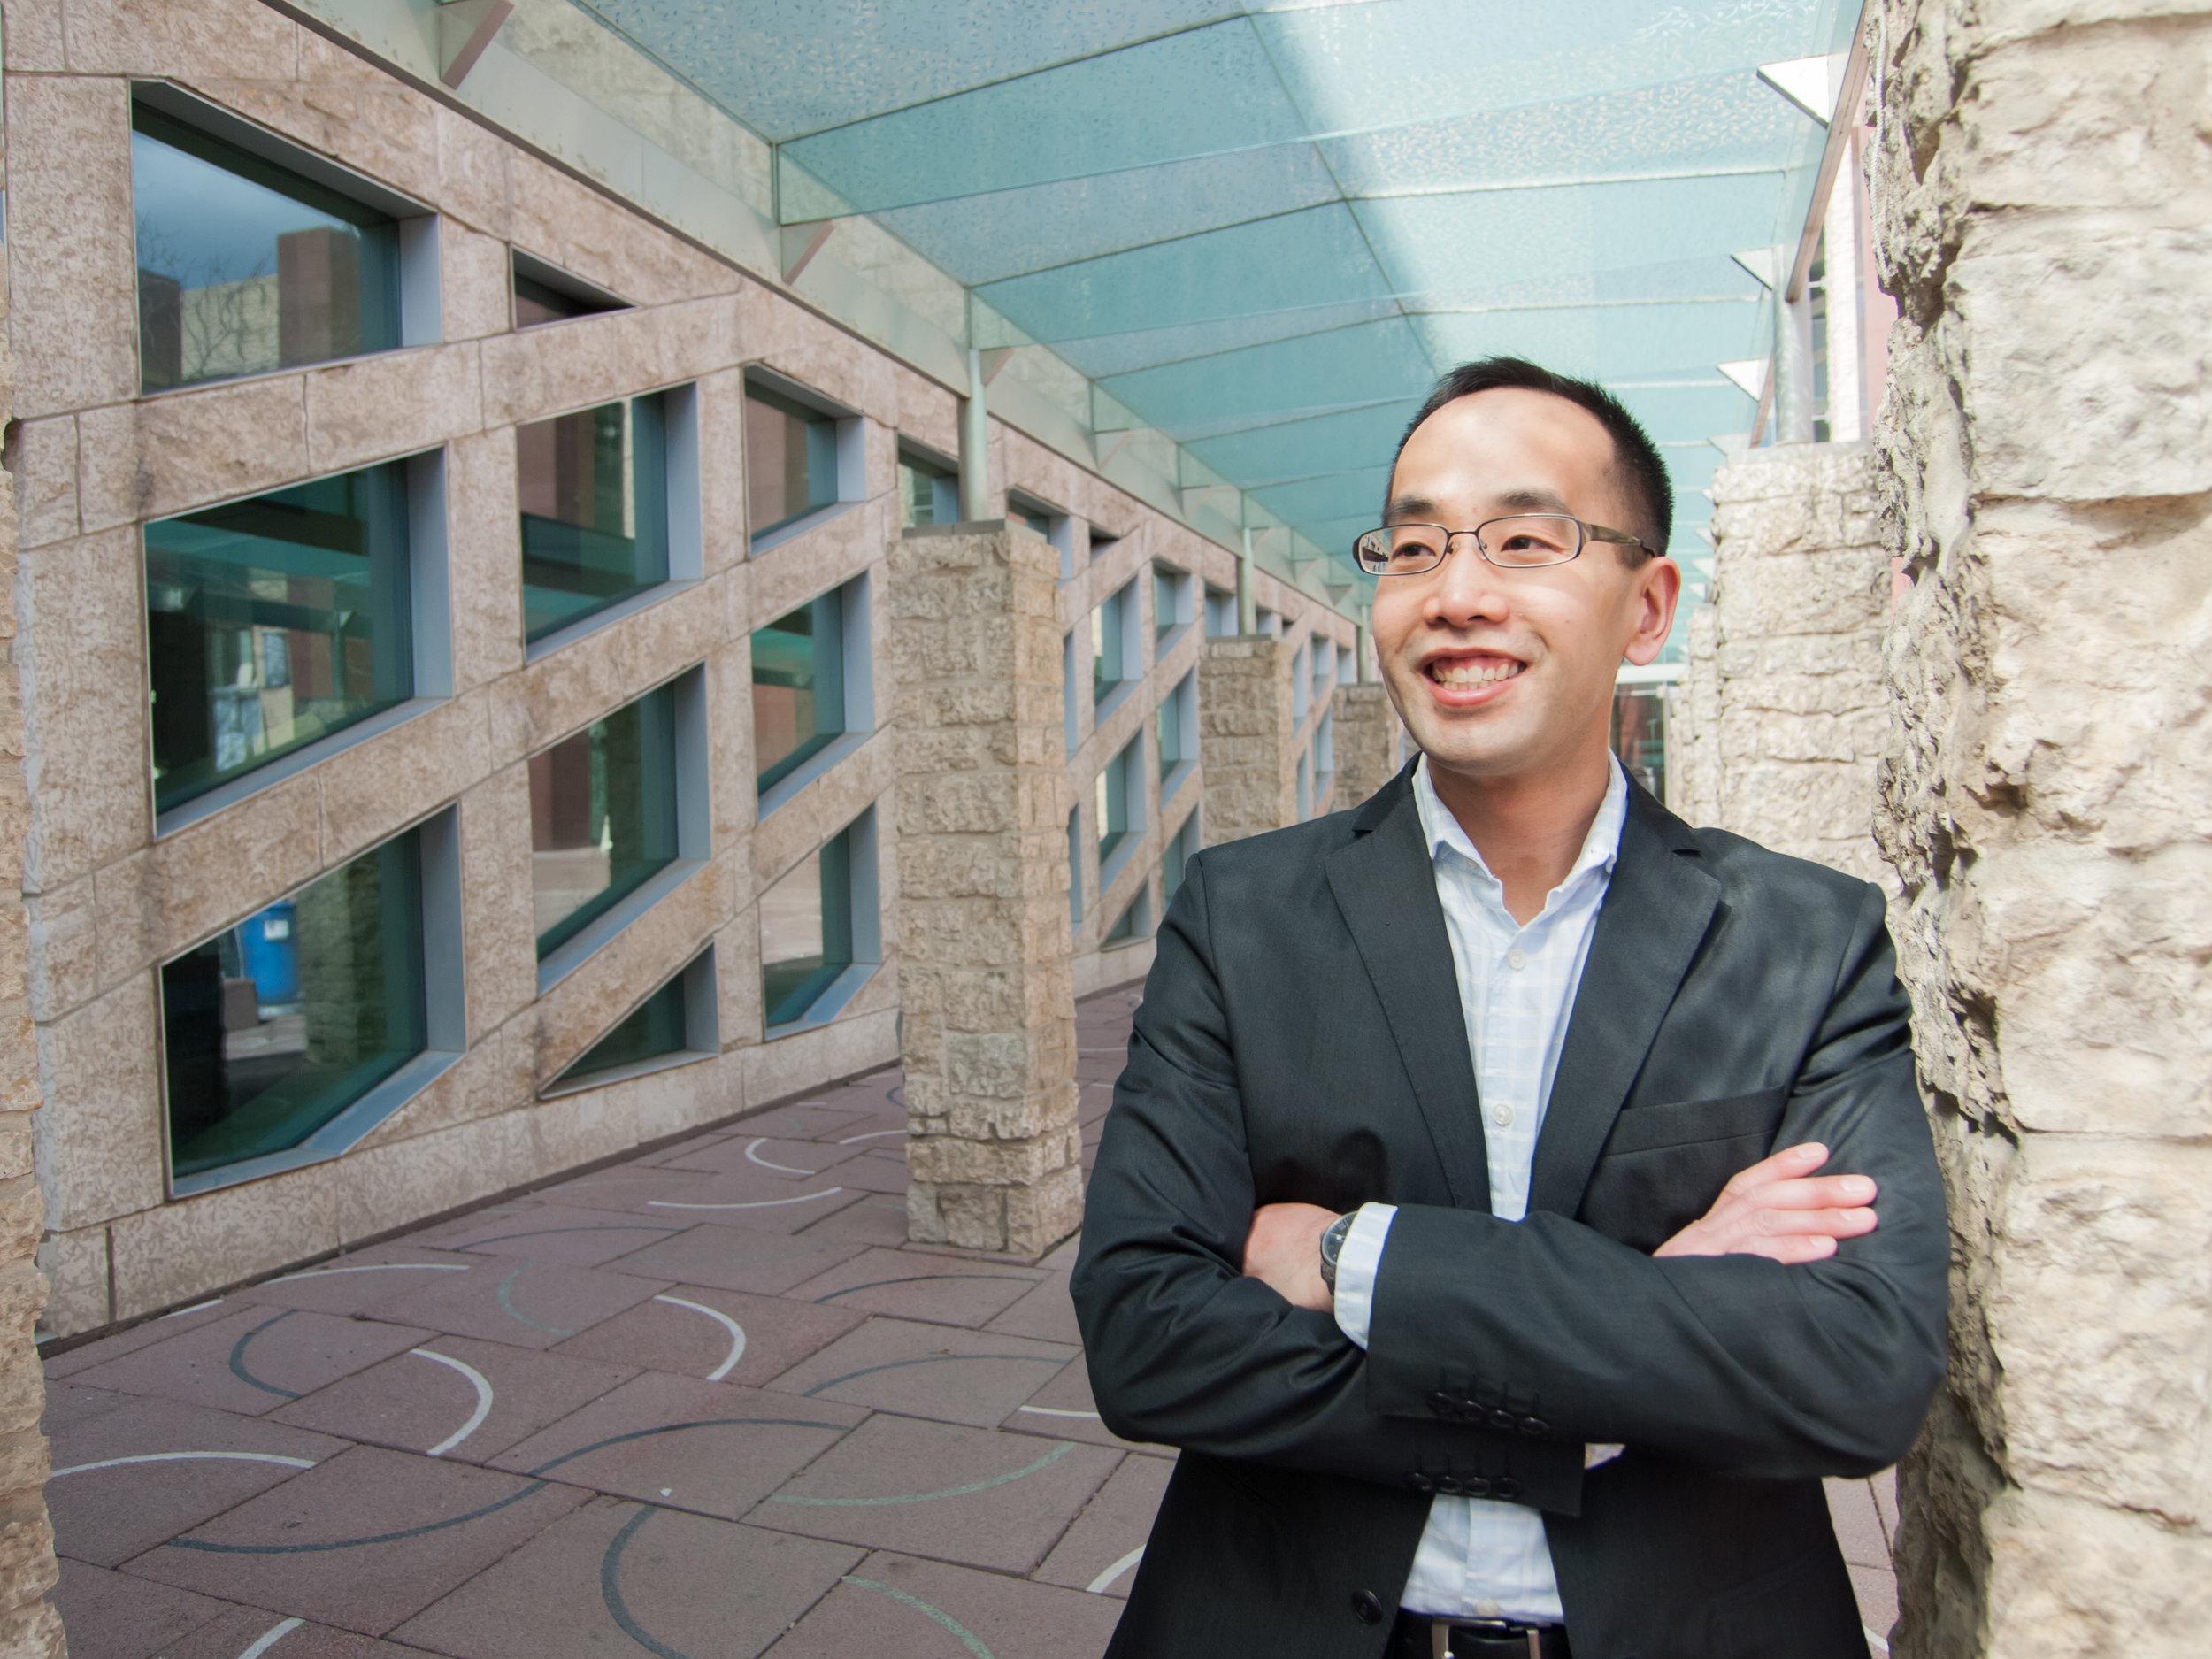 Copy of Daniel Tse - Daniel Tse.jpg